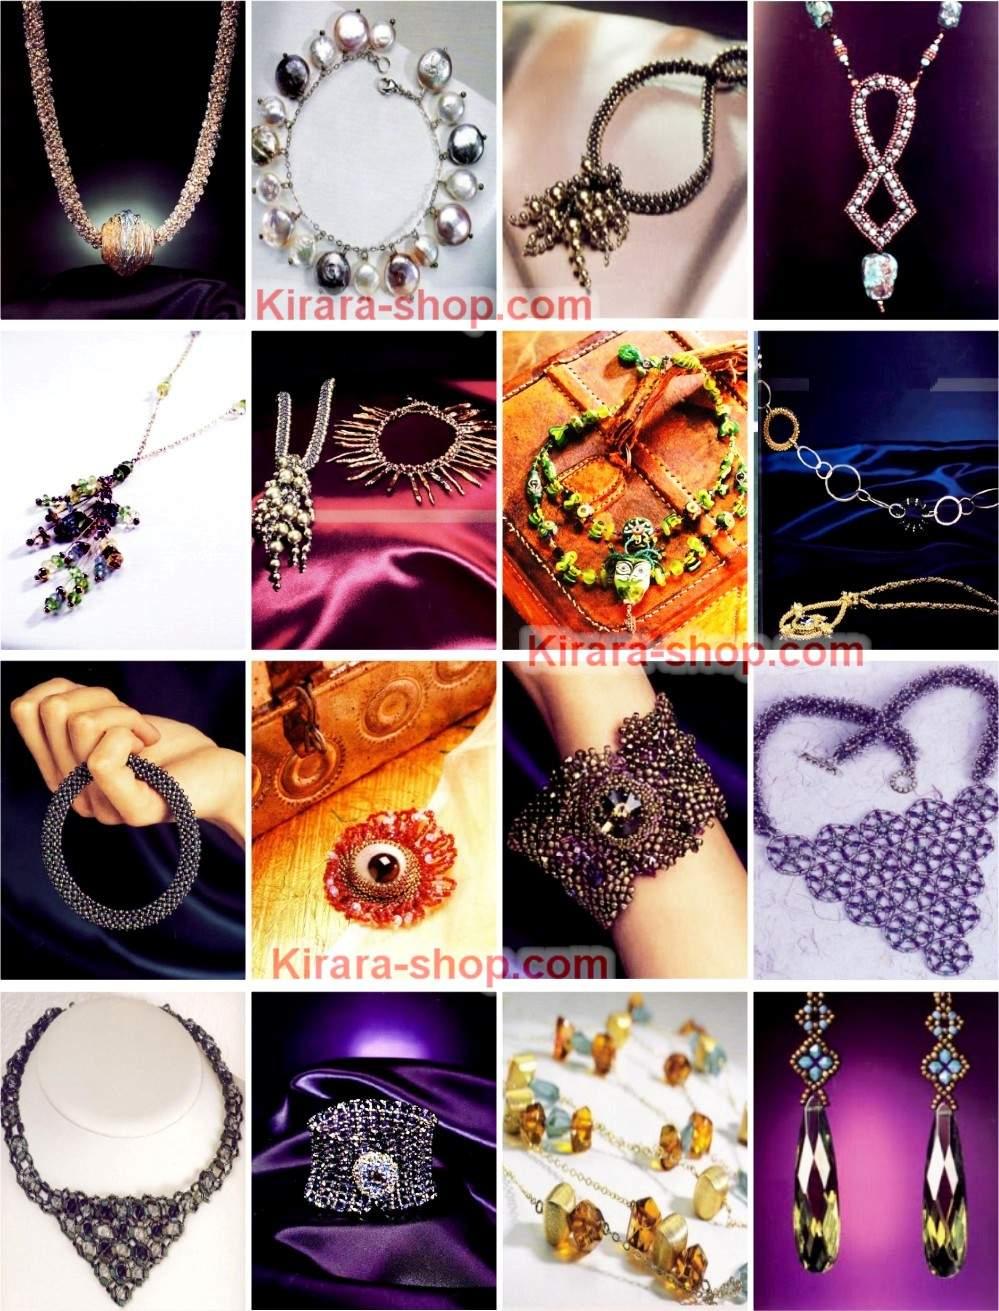 manik-manik%2C+kalung%2C+giwang%2C+gelang%2C+wire+jewelry%2C+beading